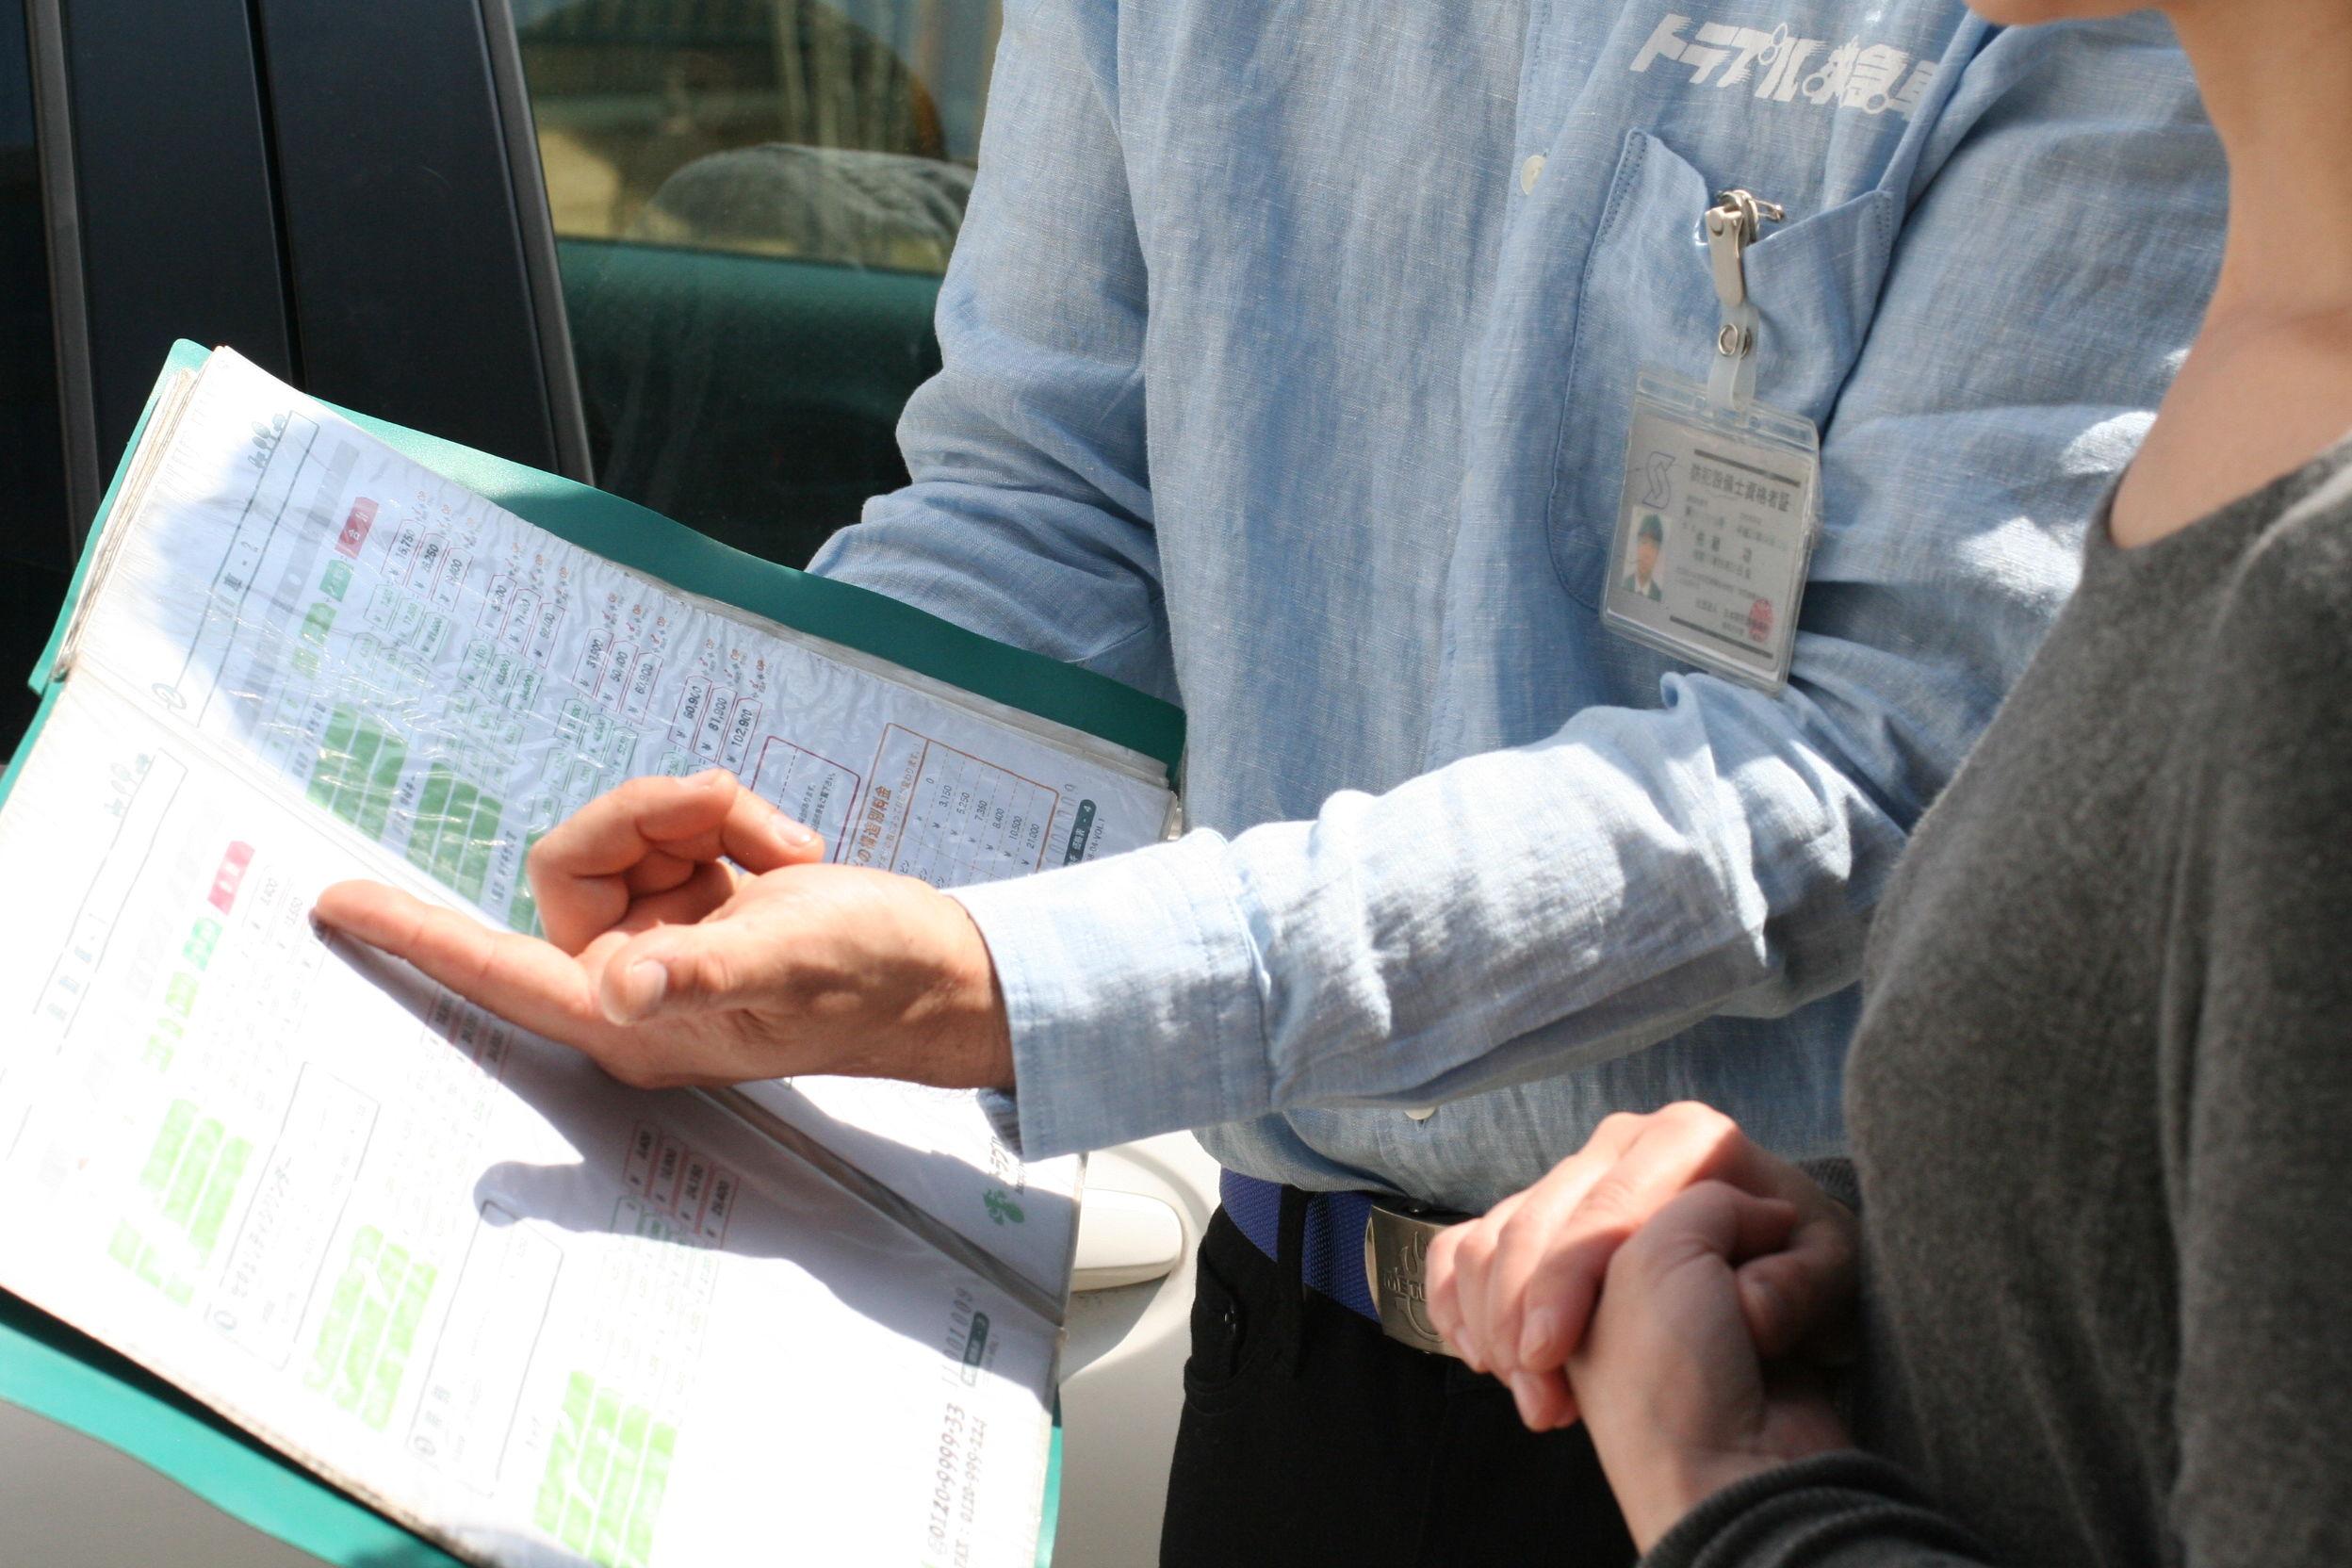 カギのトラブル救急車【海部郡蟹江町 出張エリア】のメイン画像